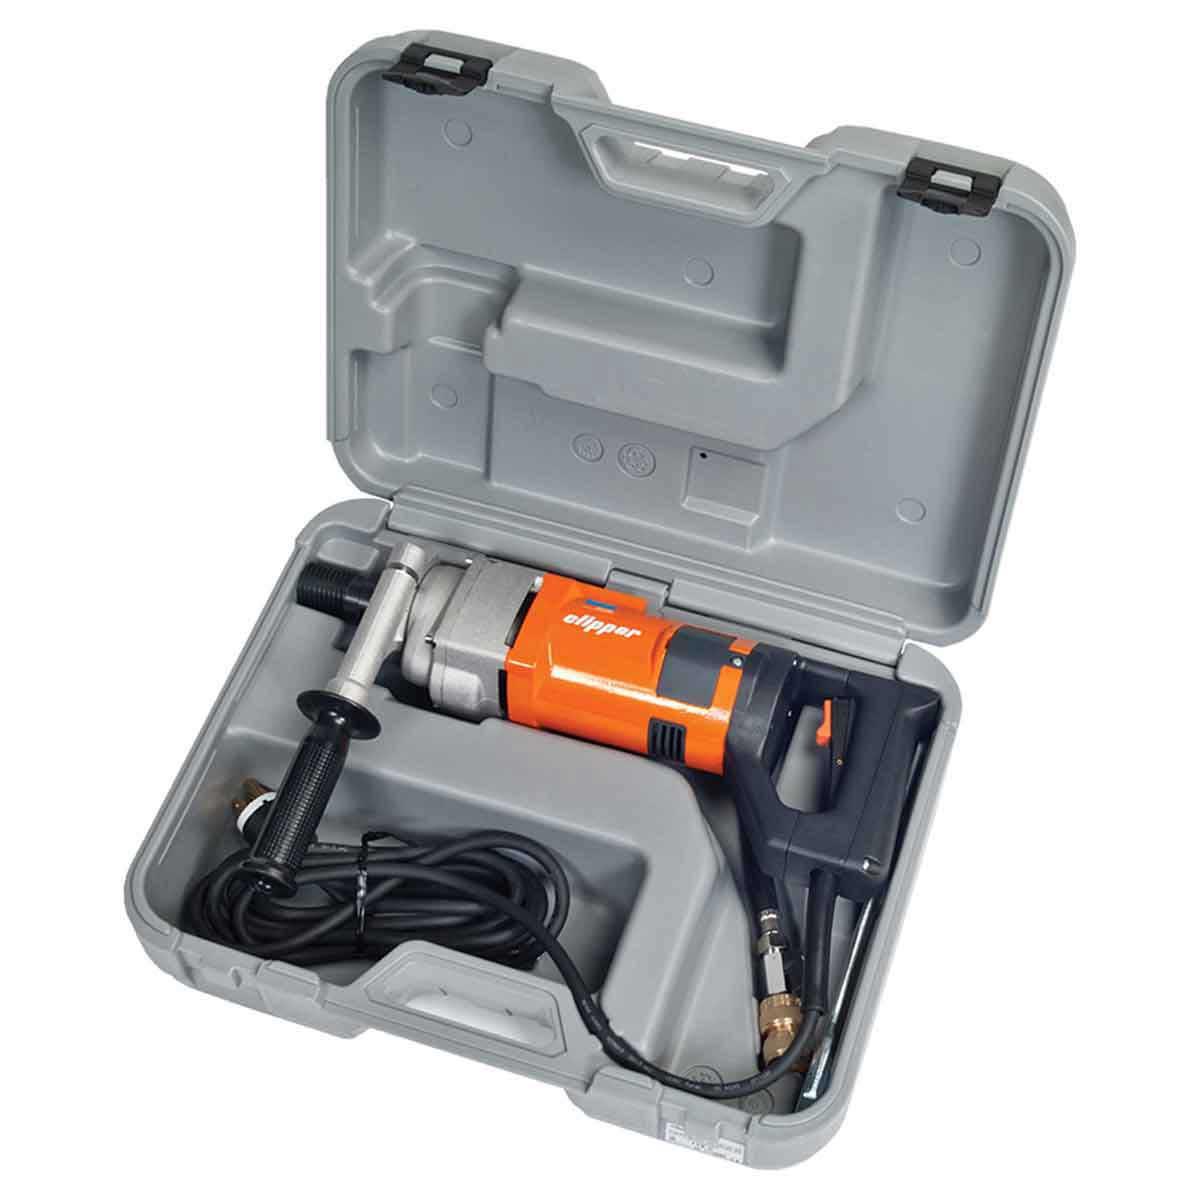 core cut cc1800 parts manual